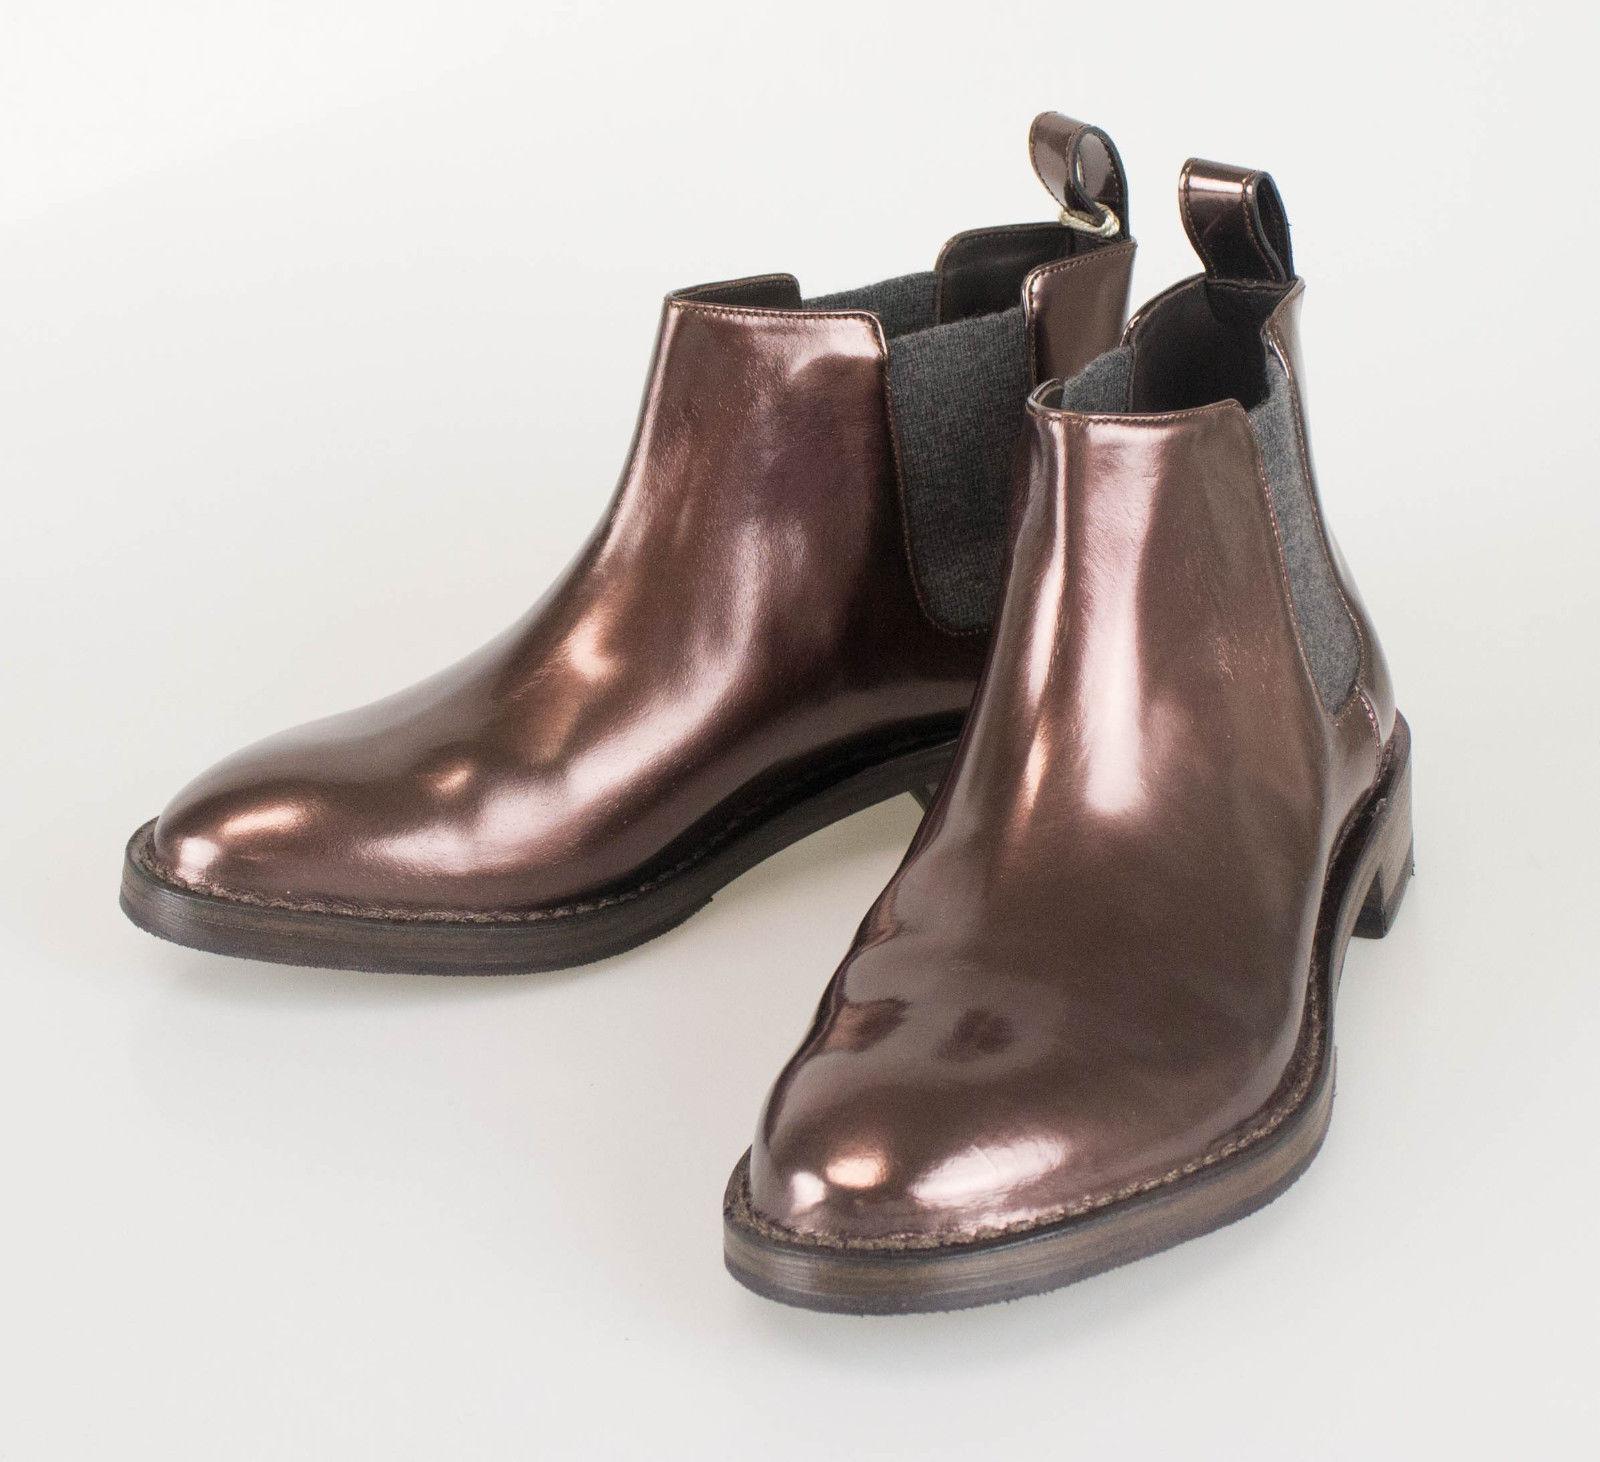 New BRUNELLO CUCINELLI braun braun braun Patent Leather Ankle Stiefel schuhe Größe 38 8  1395 a935ac